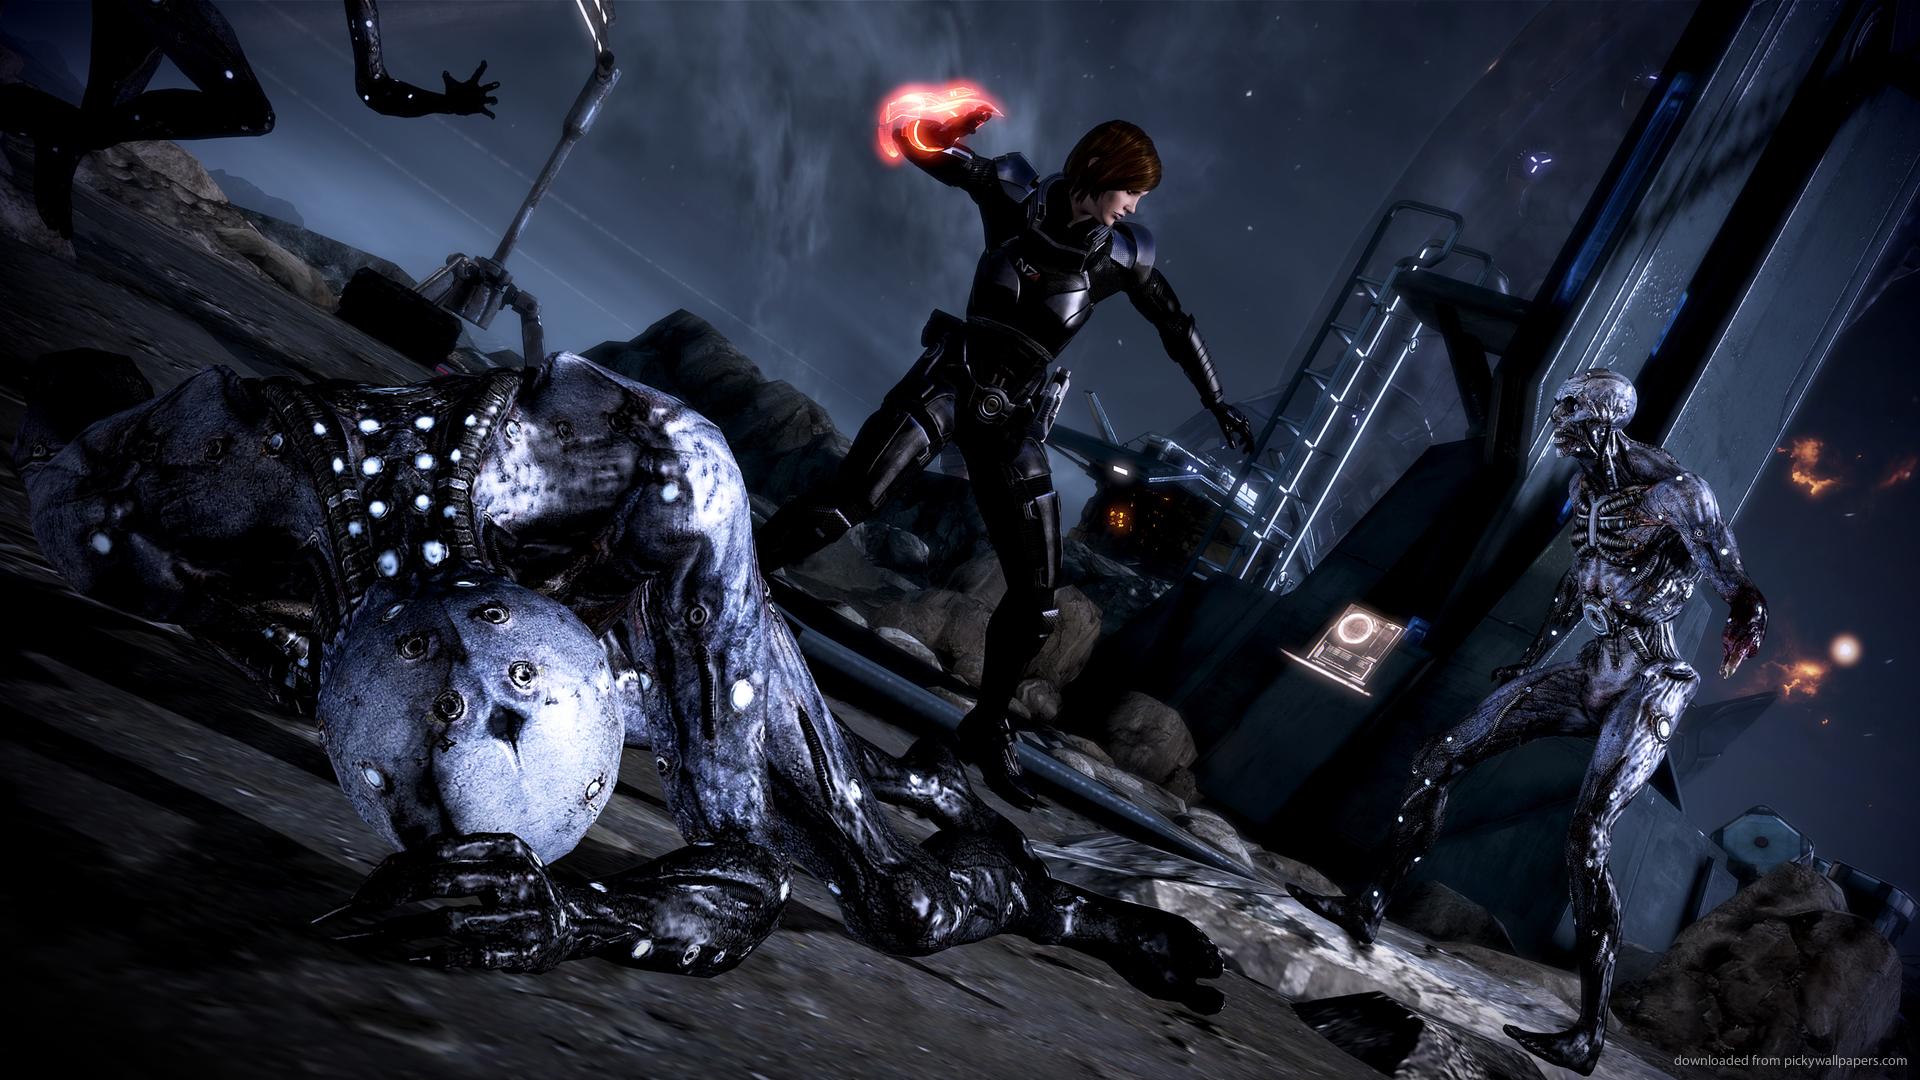 Free Download Mass Effect Femshep Wallpaper 1920x1080 1920x1080